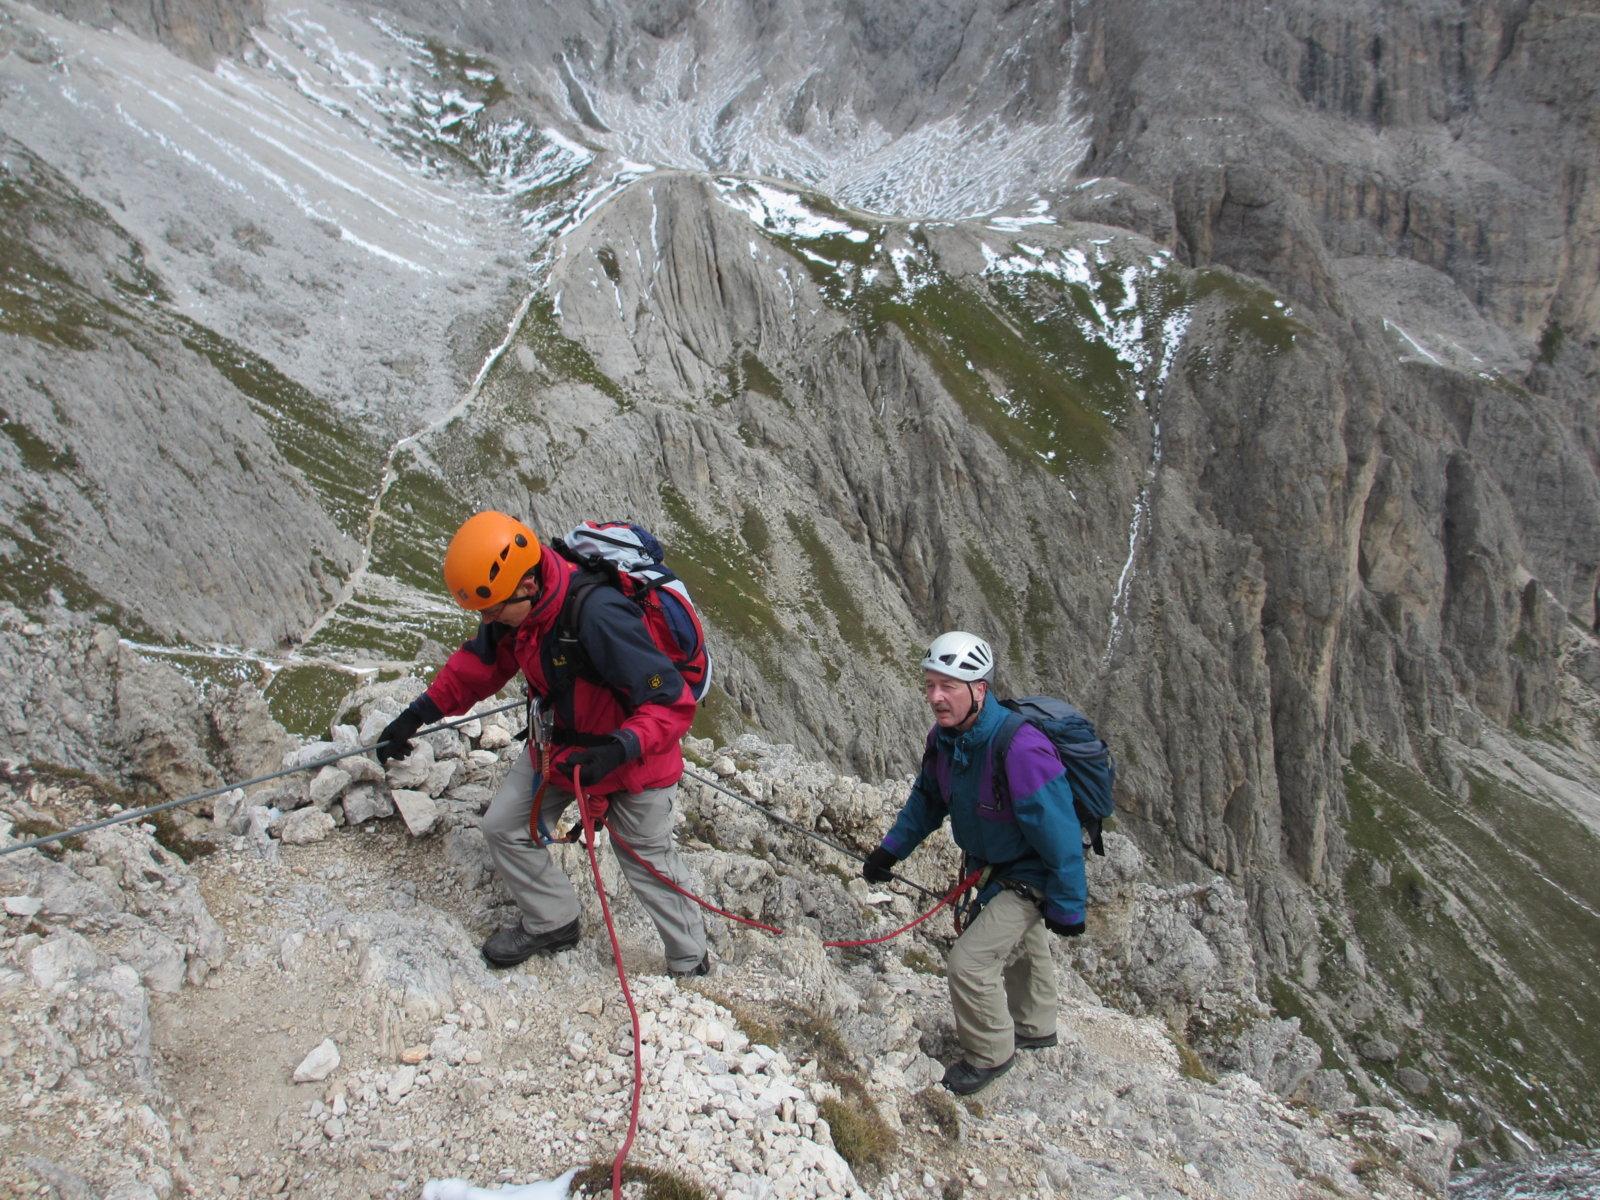 Klettersteig Rotwand : Rotwand klettersteig im rosengarten für anfänger